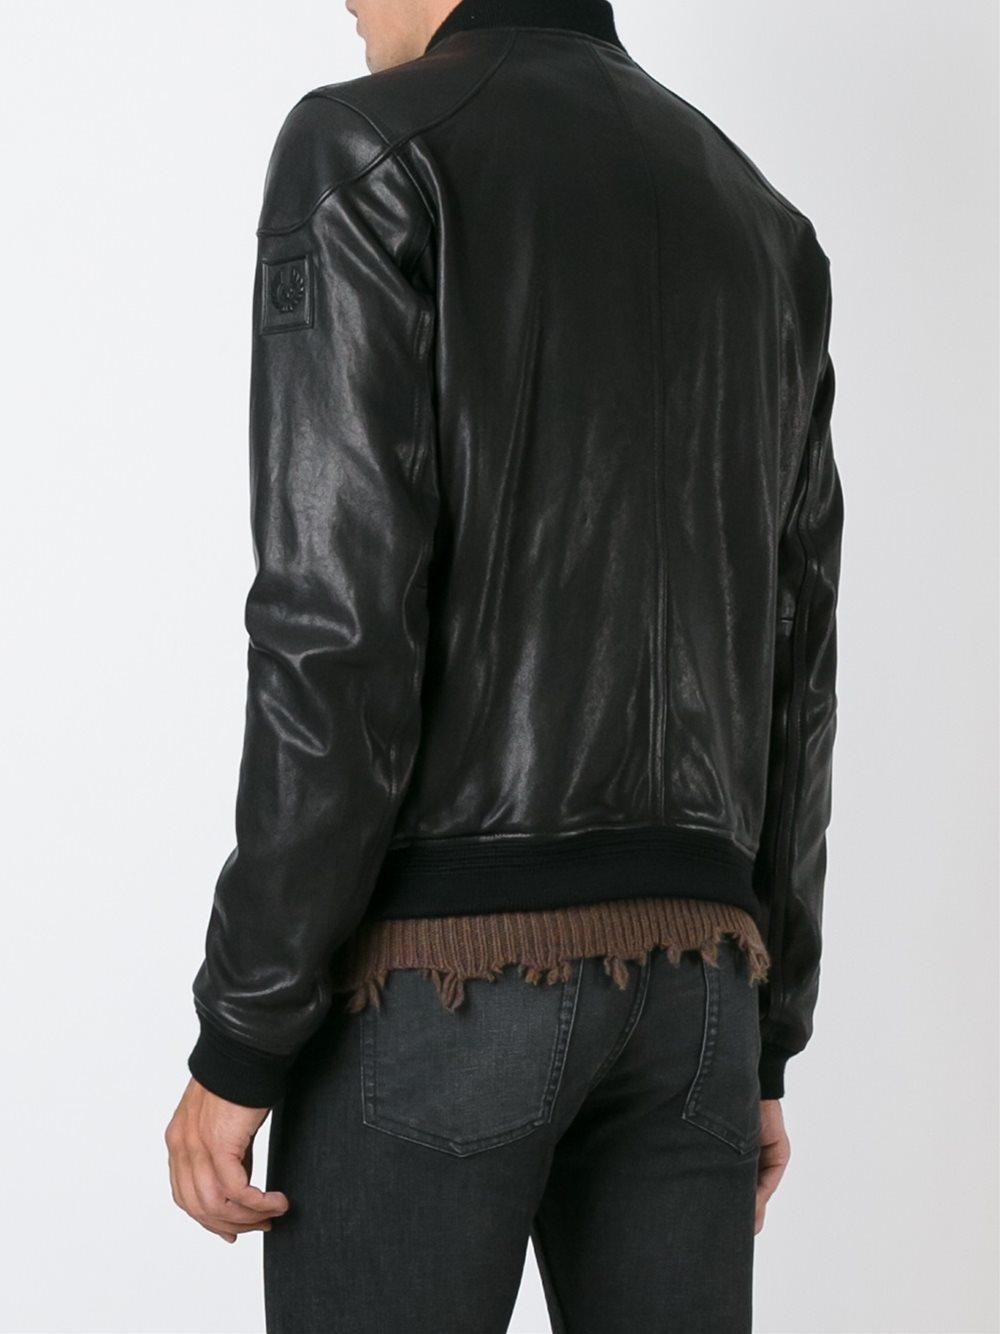 Lyst Belstaff Leather Bomber Jacket In Black For Men